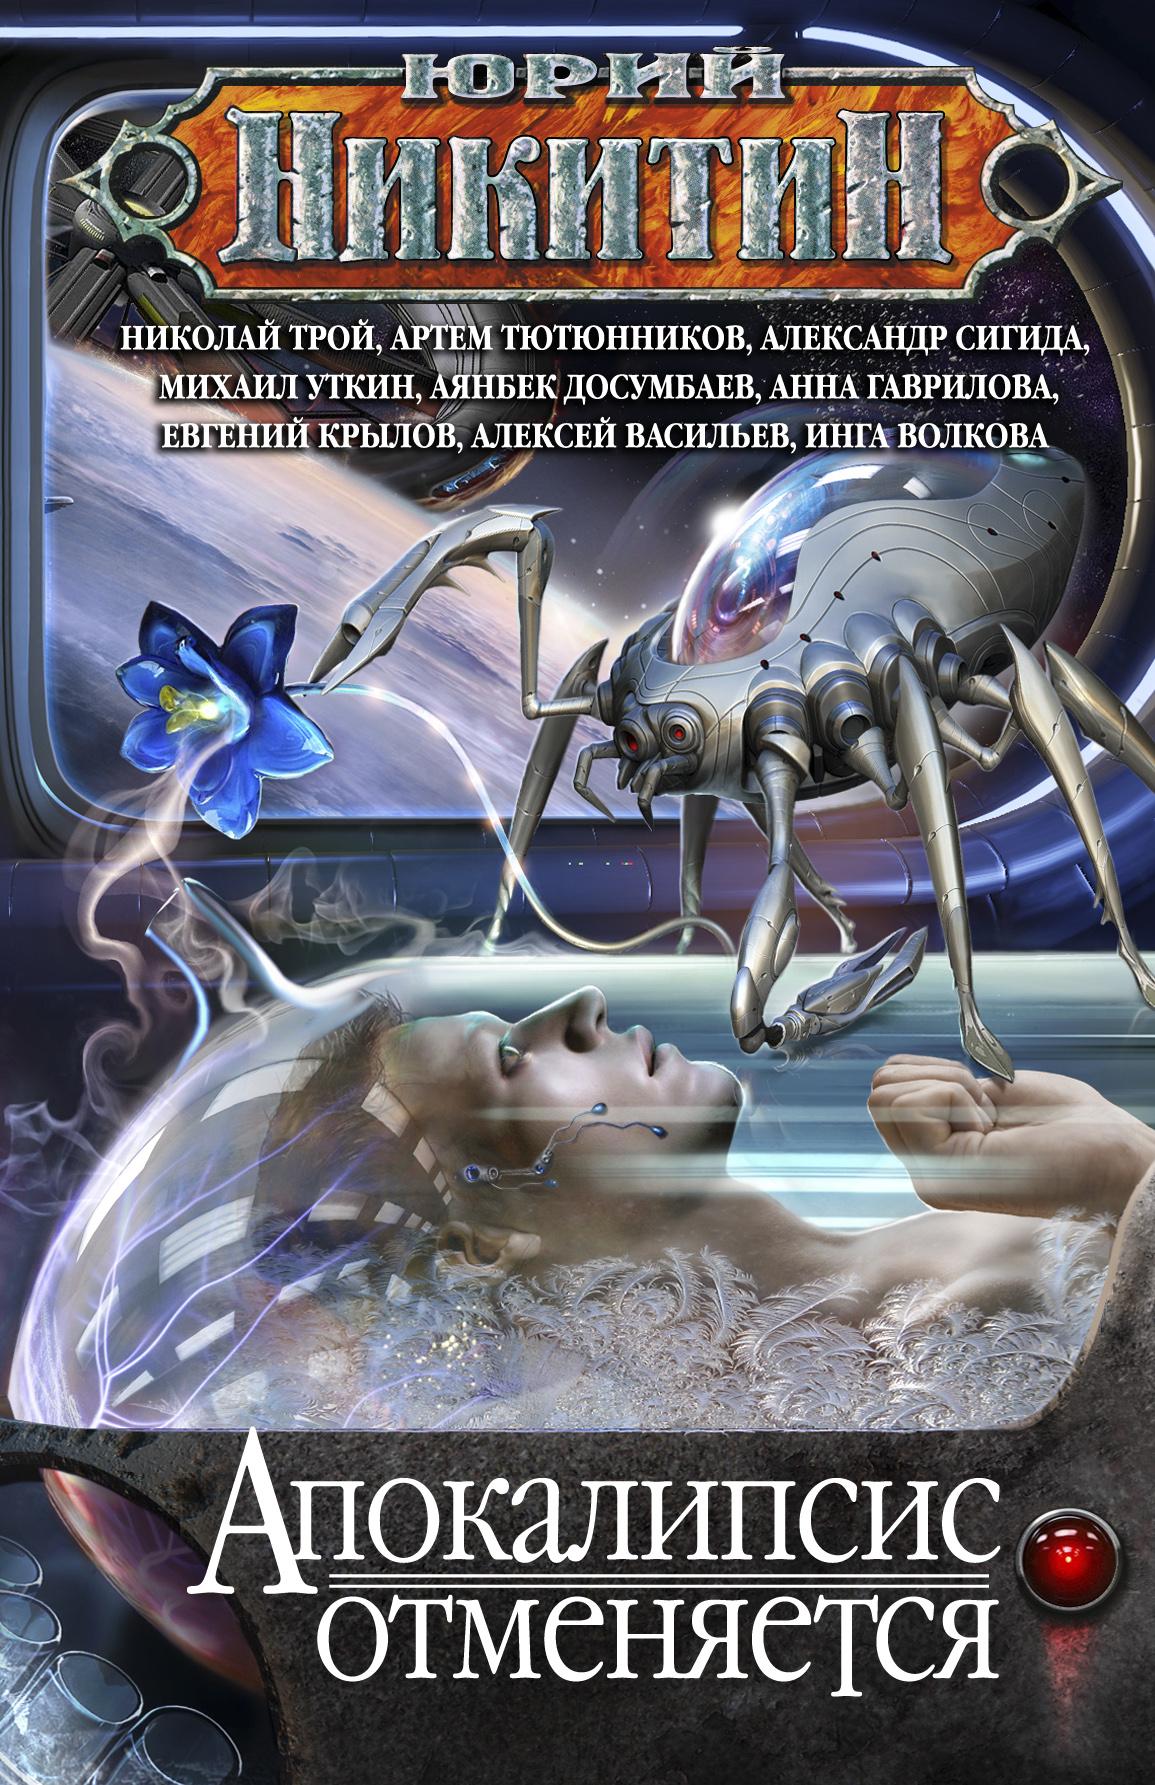 Апокалипсис отменяется (сборник)